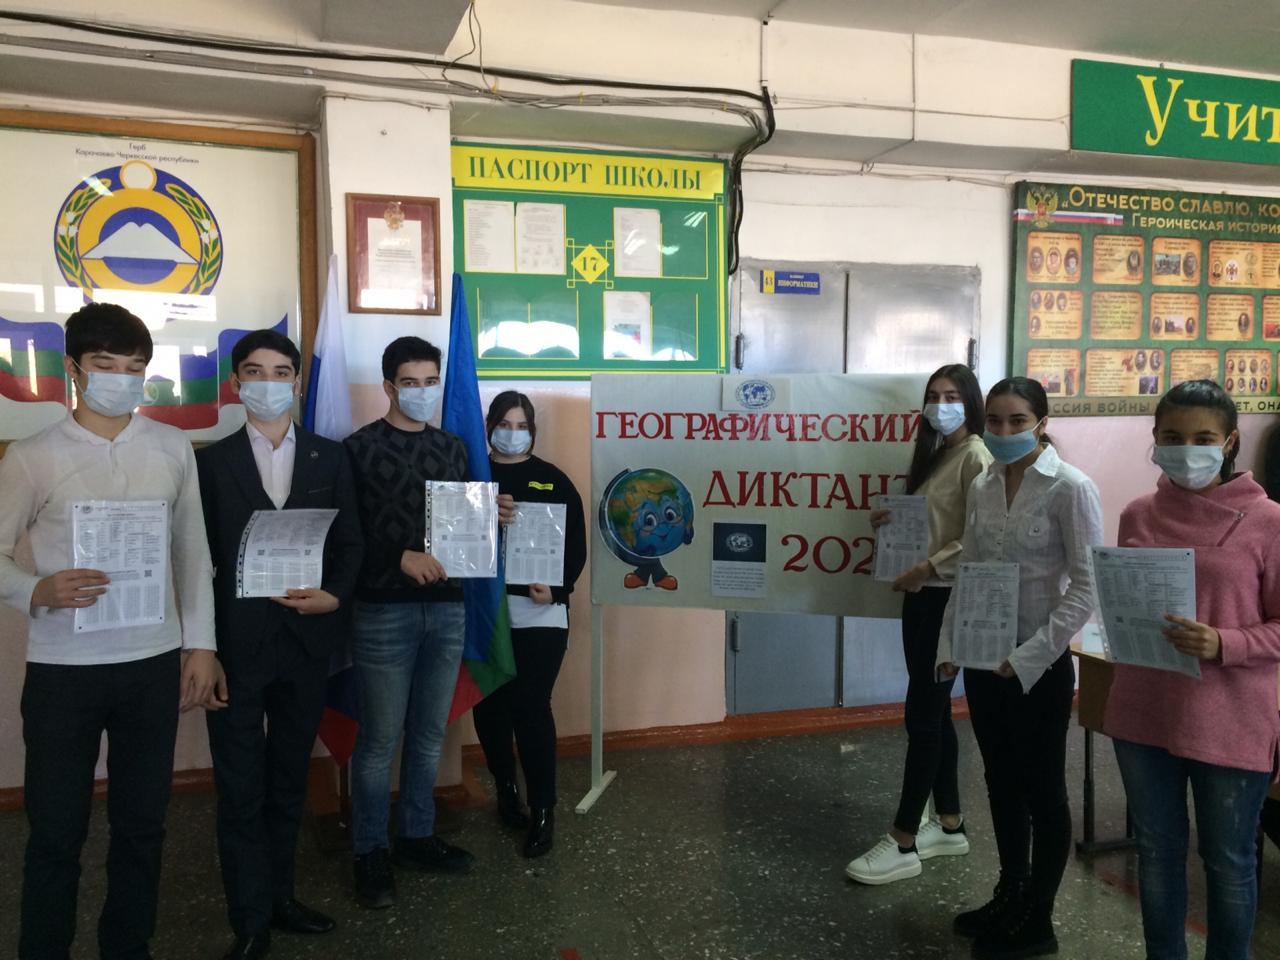 29 ноября 2020 на базе МКОУ «Гимназия № 17» проведена ежегодная международная просветительская акция «Географический диктант» в офлайн-режиме. Участниками диктанта стали учащиеся и учителя образовательных организаций города Черкесска.